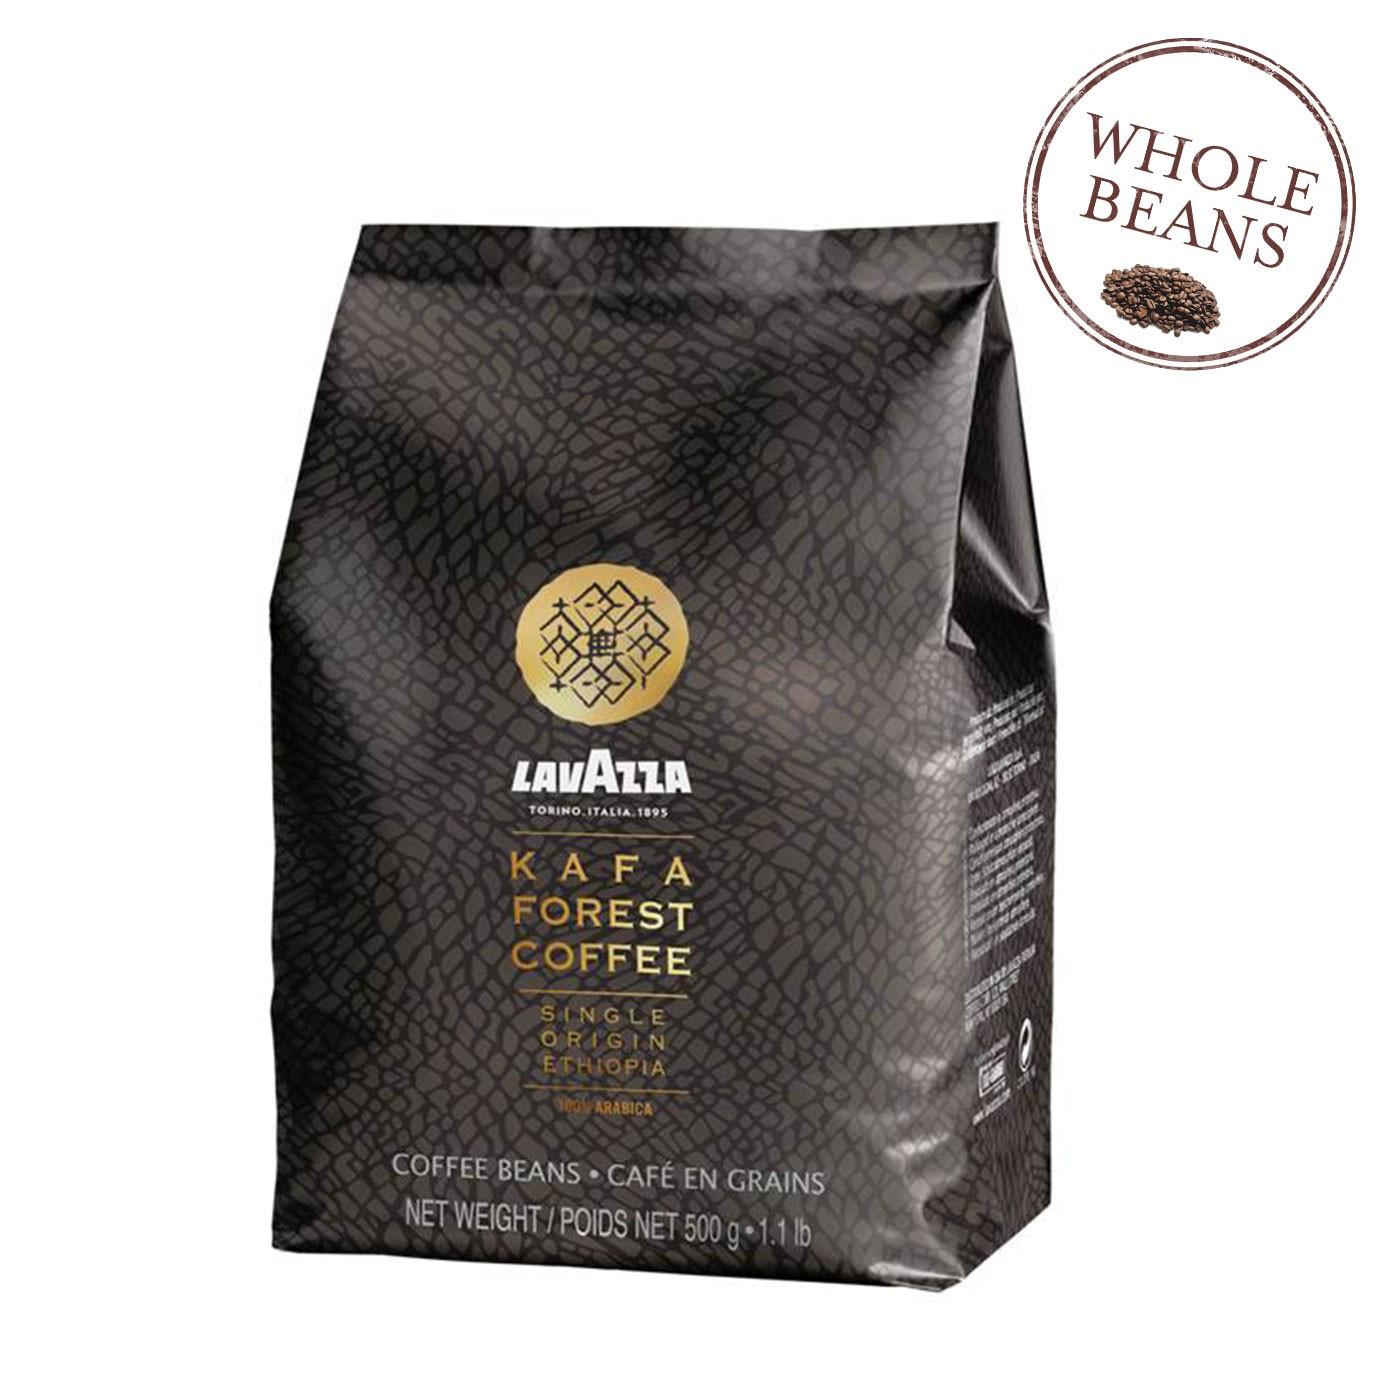 Kafa Forest Coffee 1.1LB